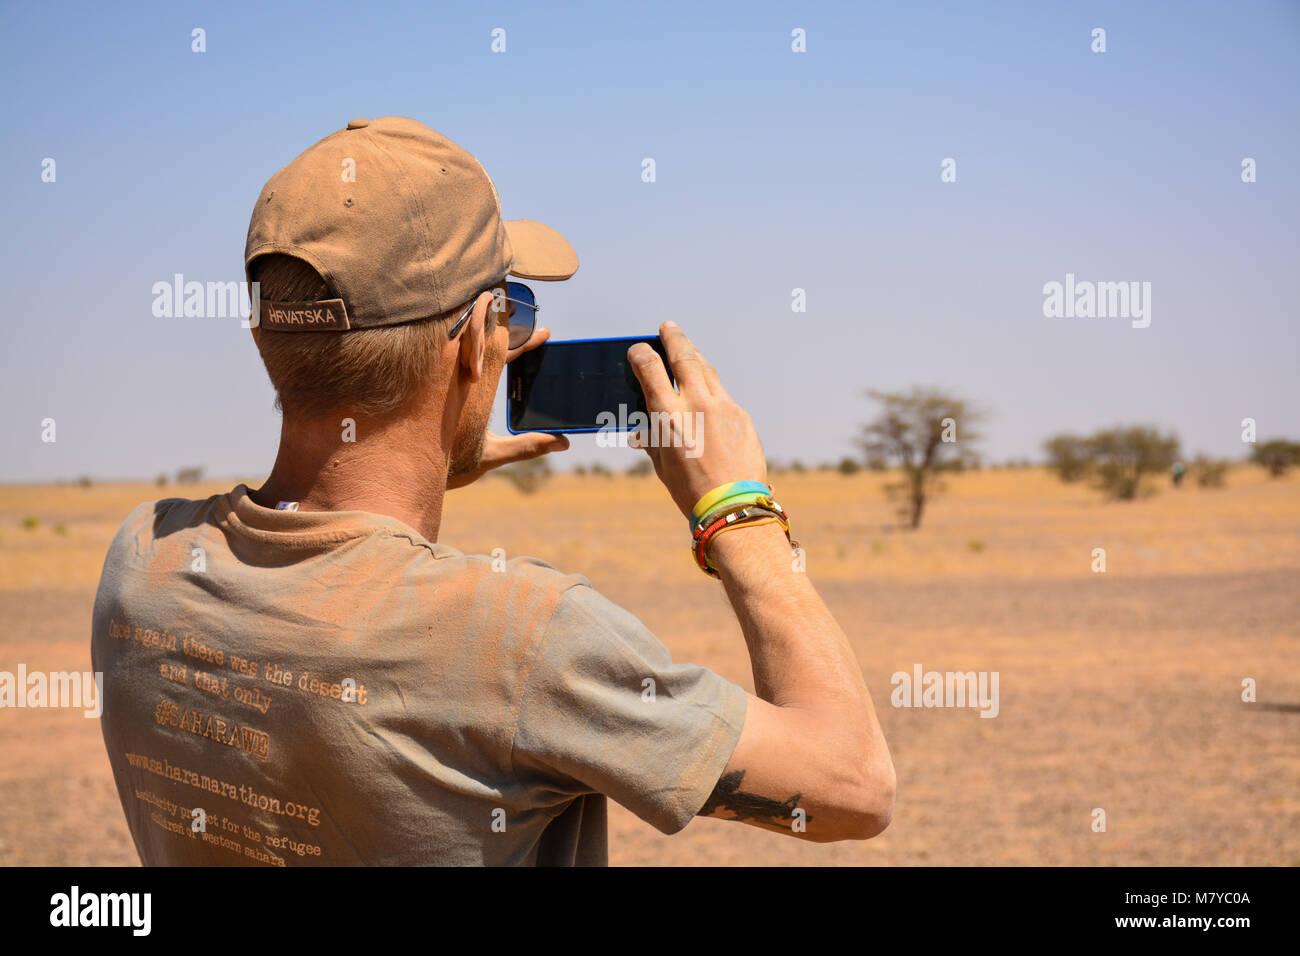 Sahara Explorer macht ein Foto von der Westsahara teritory befreit. Stockbild